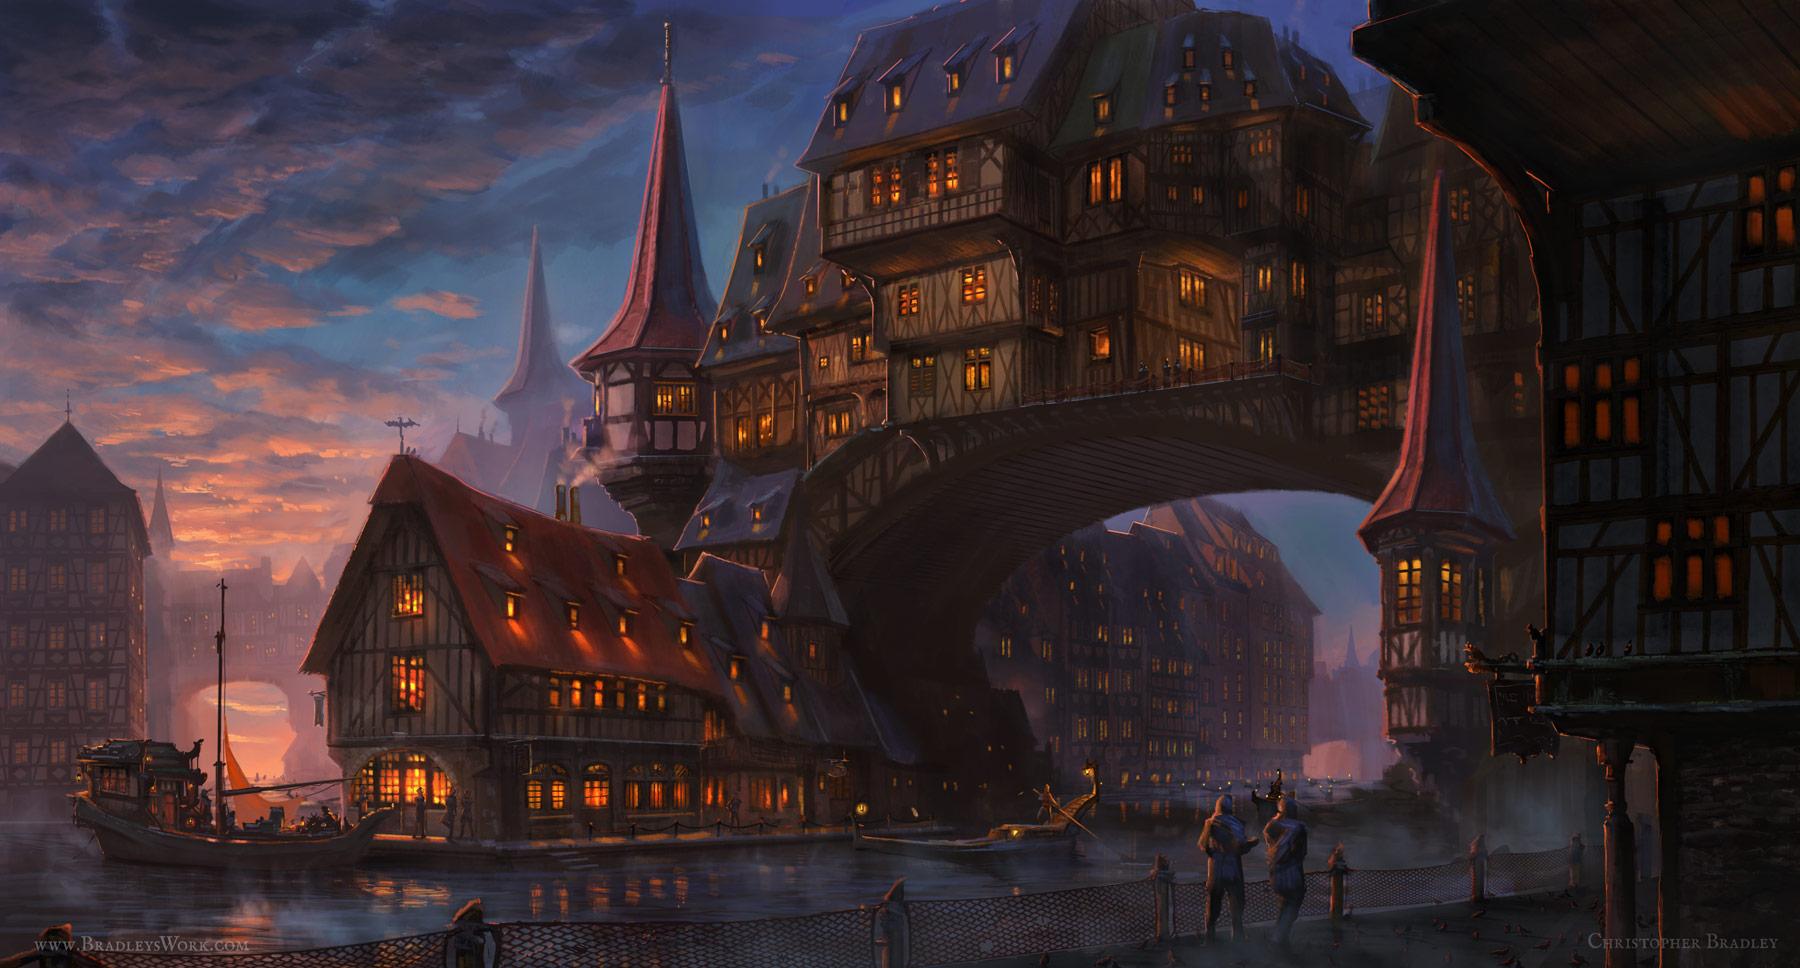 D&D city over a river